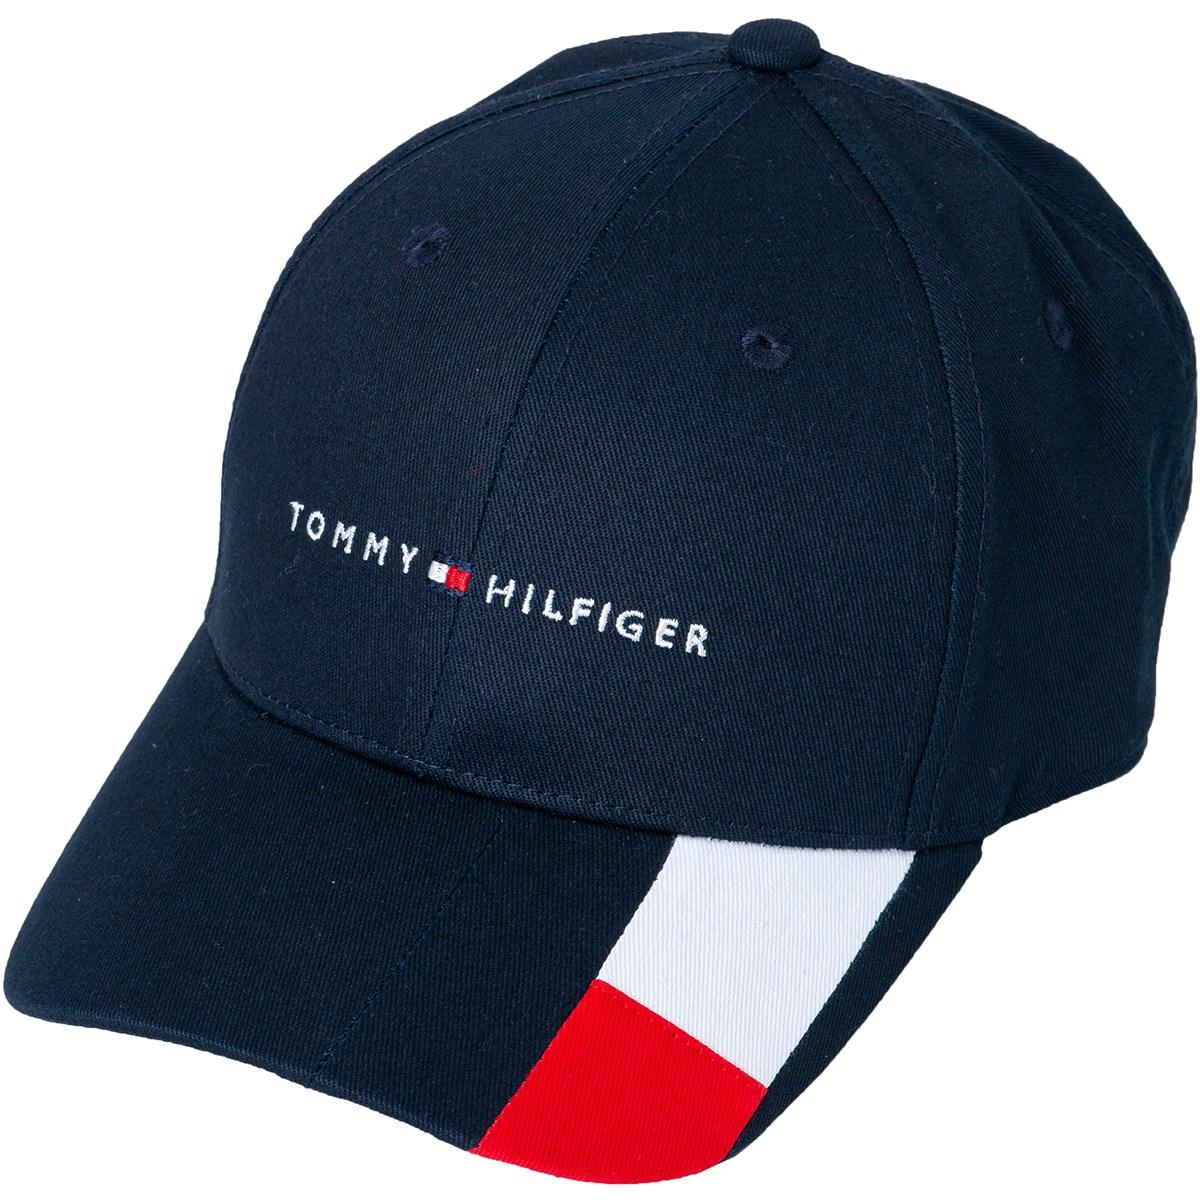 トミー ヒルフィガー ゴルフ TOMMY HILFIGER GOLF BRIM FLAG キャップ フリー ネイビー 30